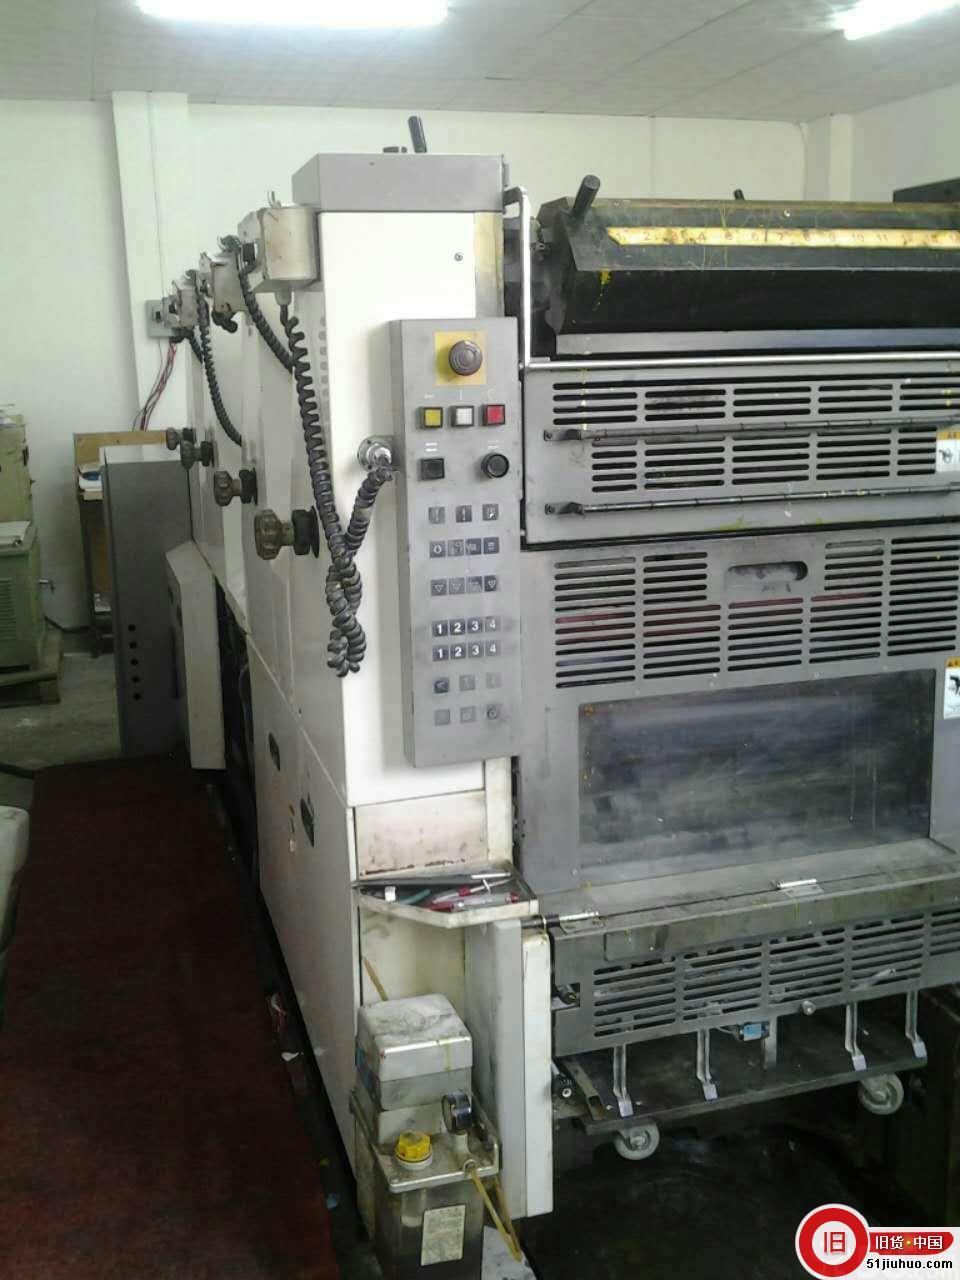 二手滨田印刷机_滨田452四色印刷机低转-尽在51旧货网